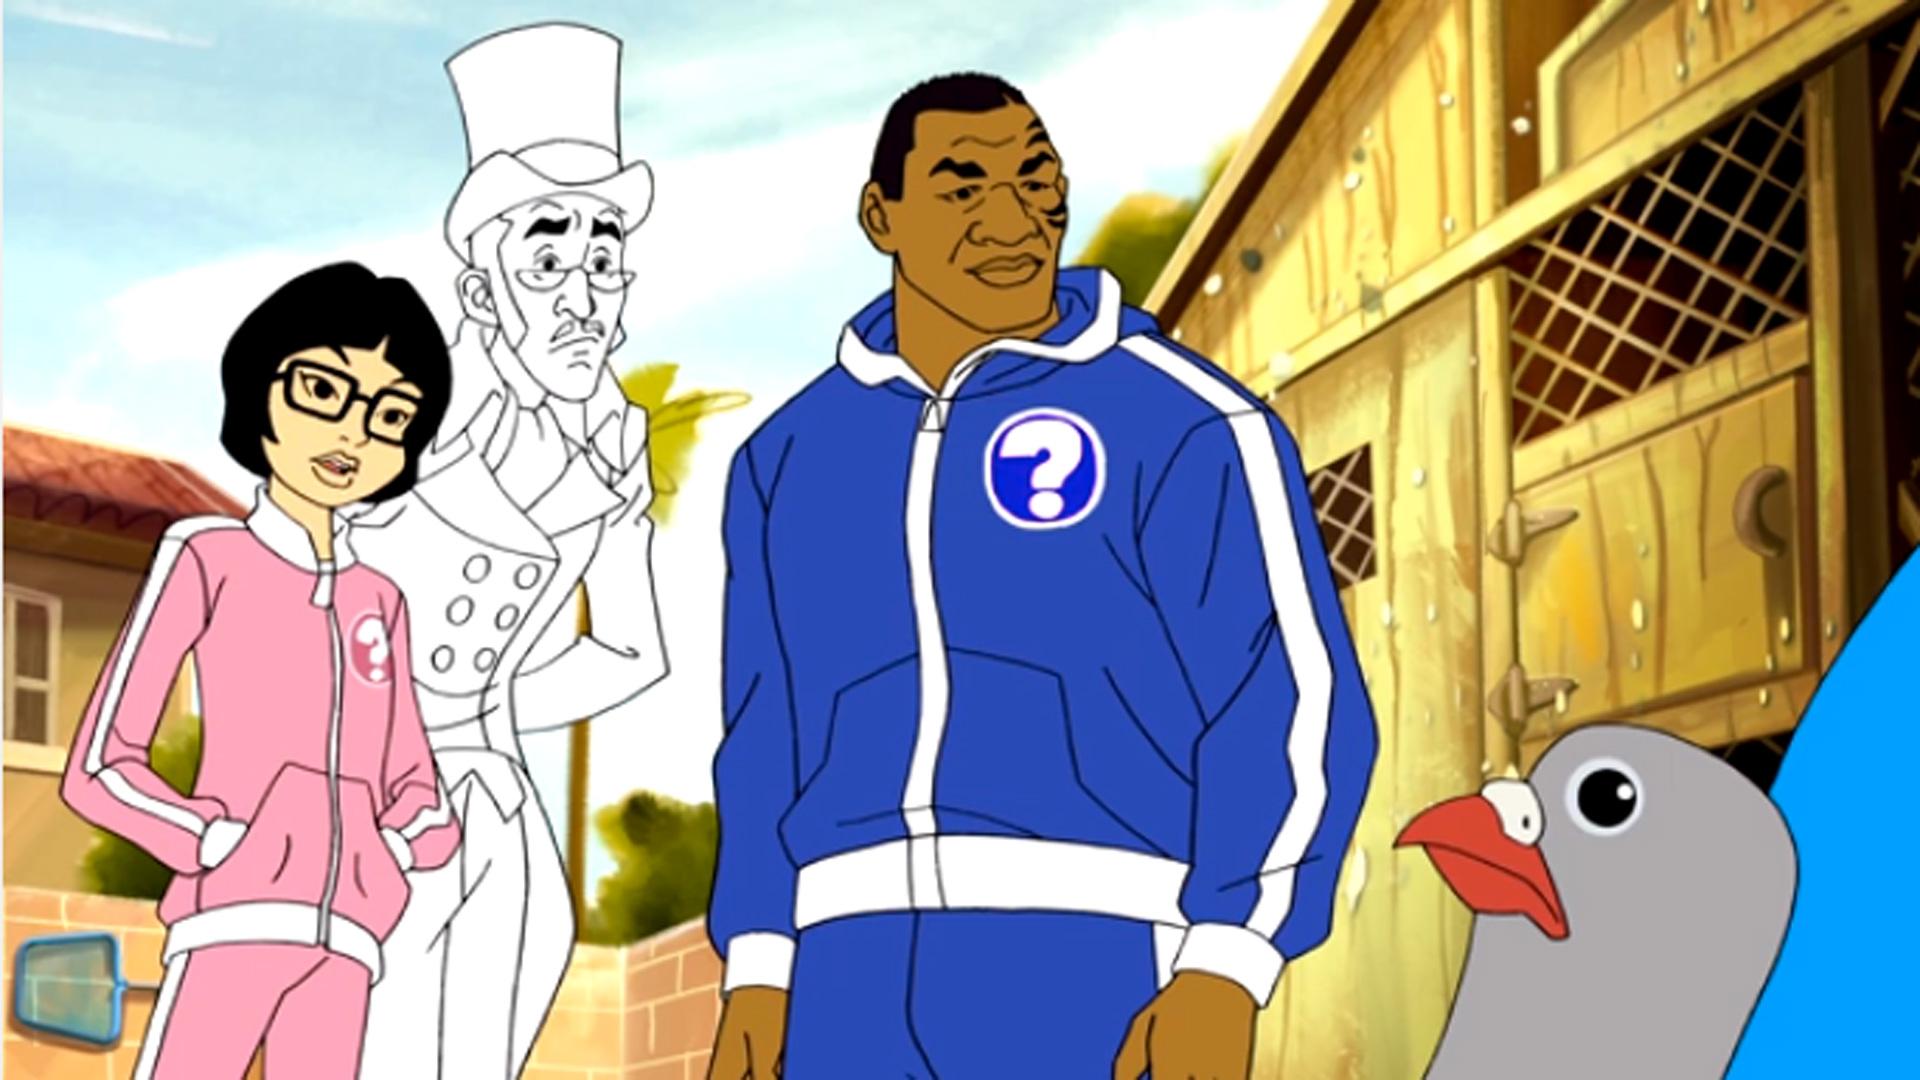 Mike-Tyson-cartoon-072514-youtube-ftr